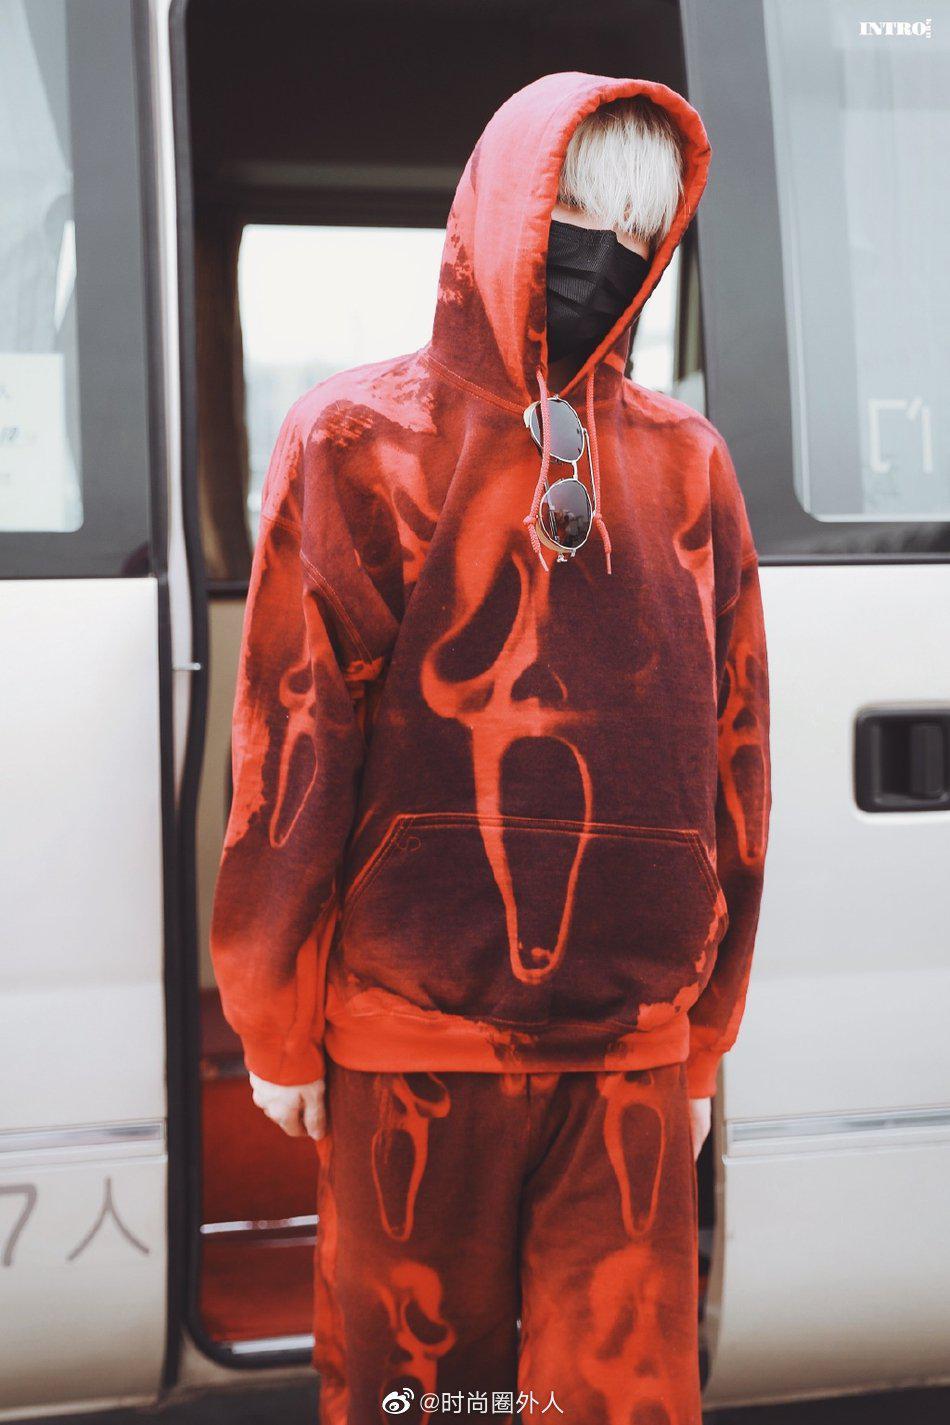 身穿红丝绒套装现身机场,口罩遮面防护意识很好……